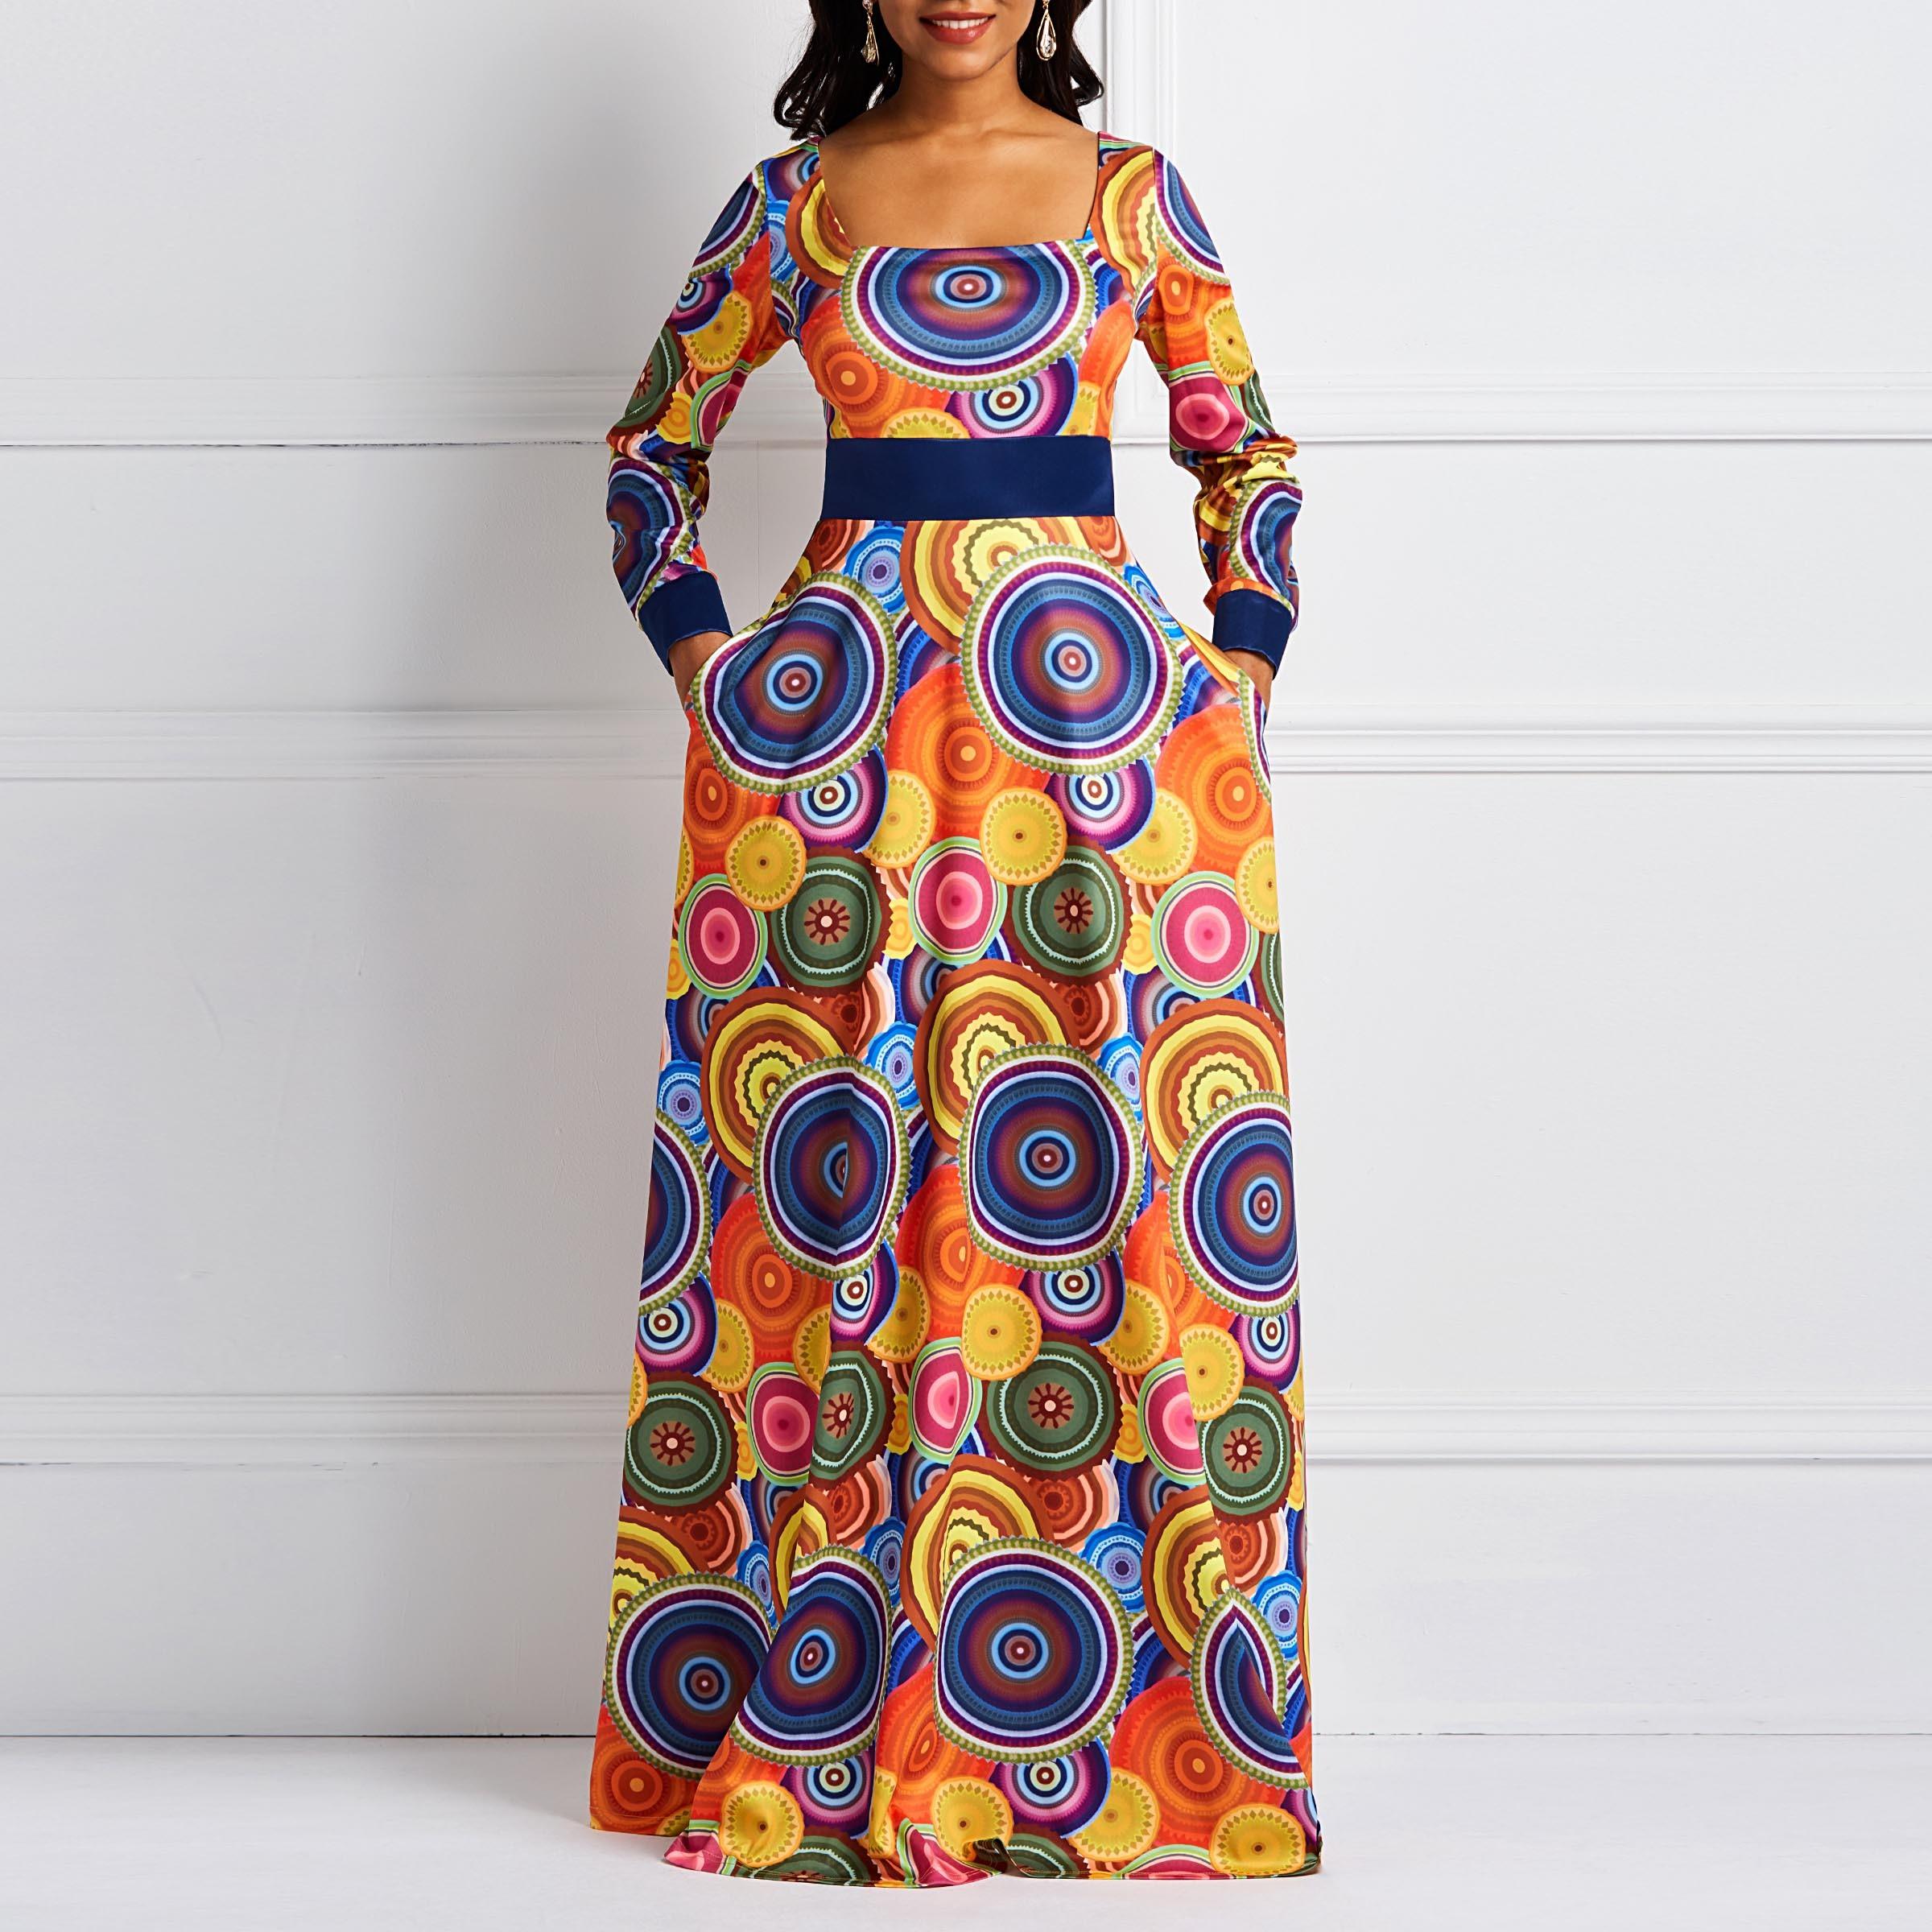 Großhandel Frauen Maxi Kleider Elegante Beiläufige Aline Square Neck Hohe  Taille Geometrische Farbblockdruck Weiblichen Herbst Orange Party Süße  Kleid